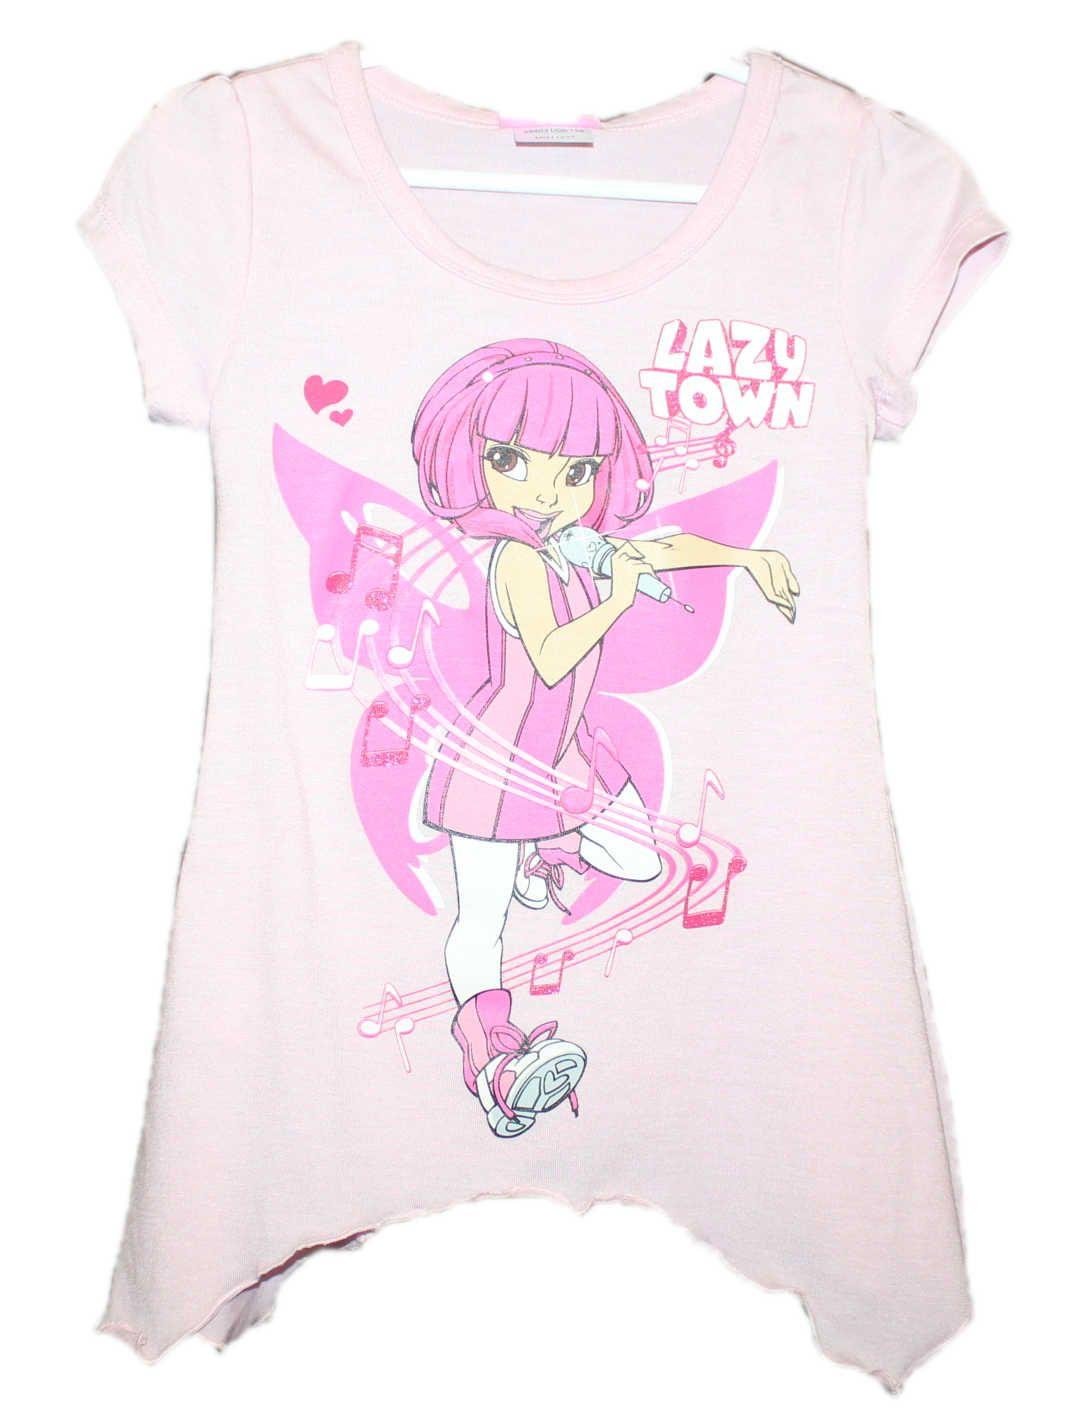 Dětské tričko Lazy Town, dívčí tričko Lazy Town, disnesy tričko, růžové tričko Lazy Town Disney